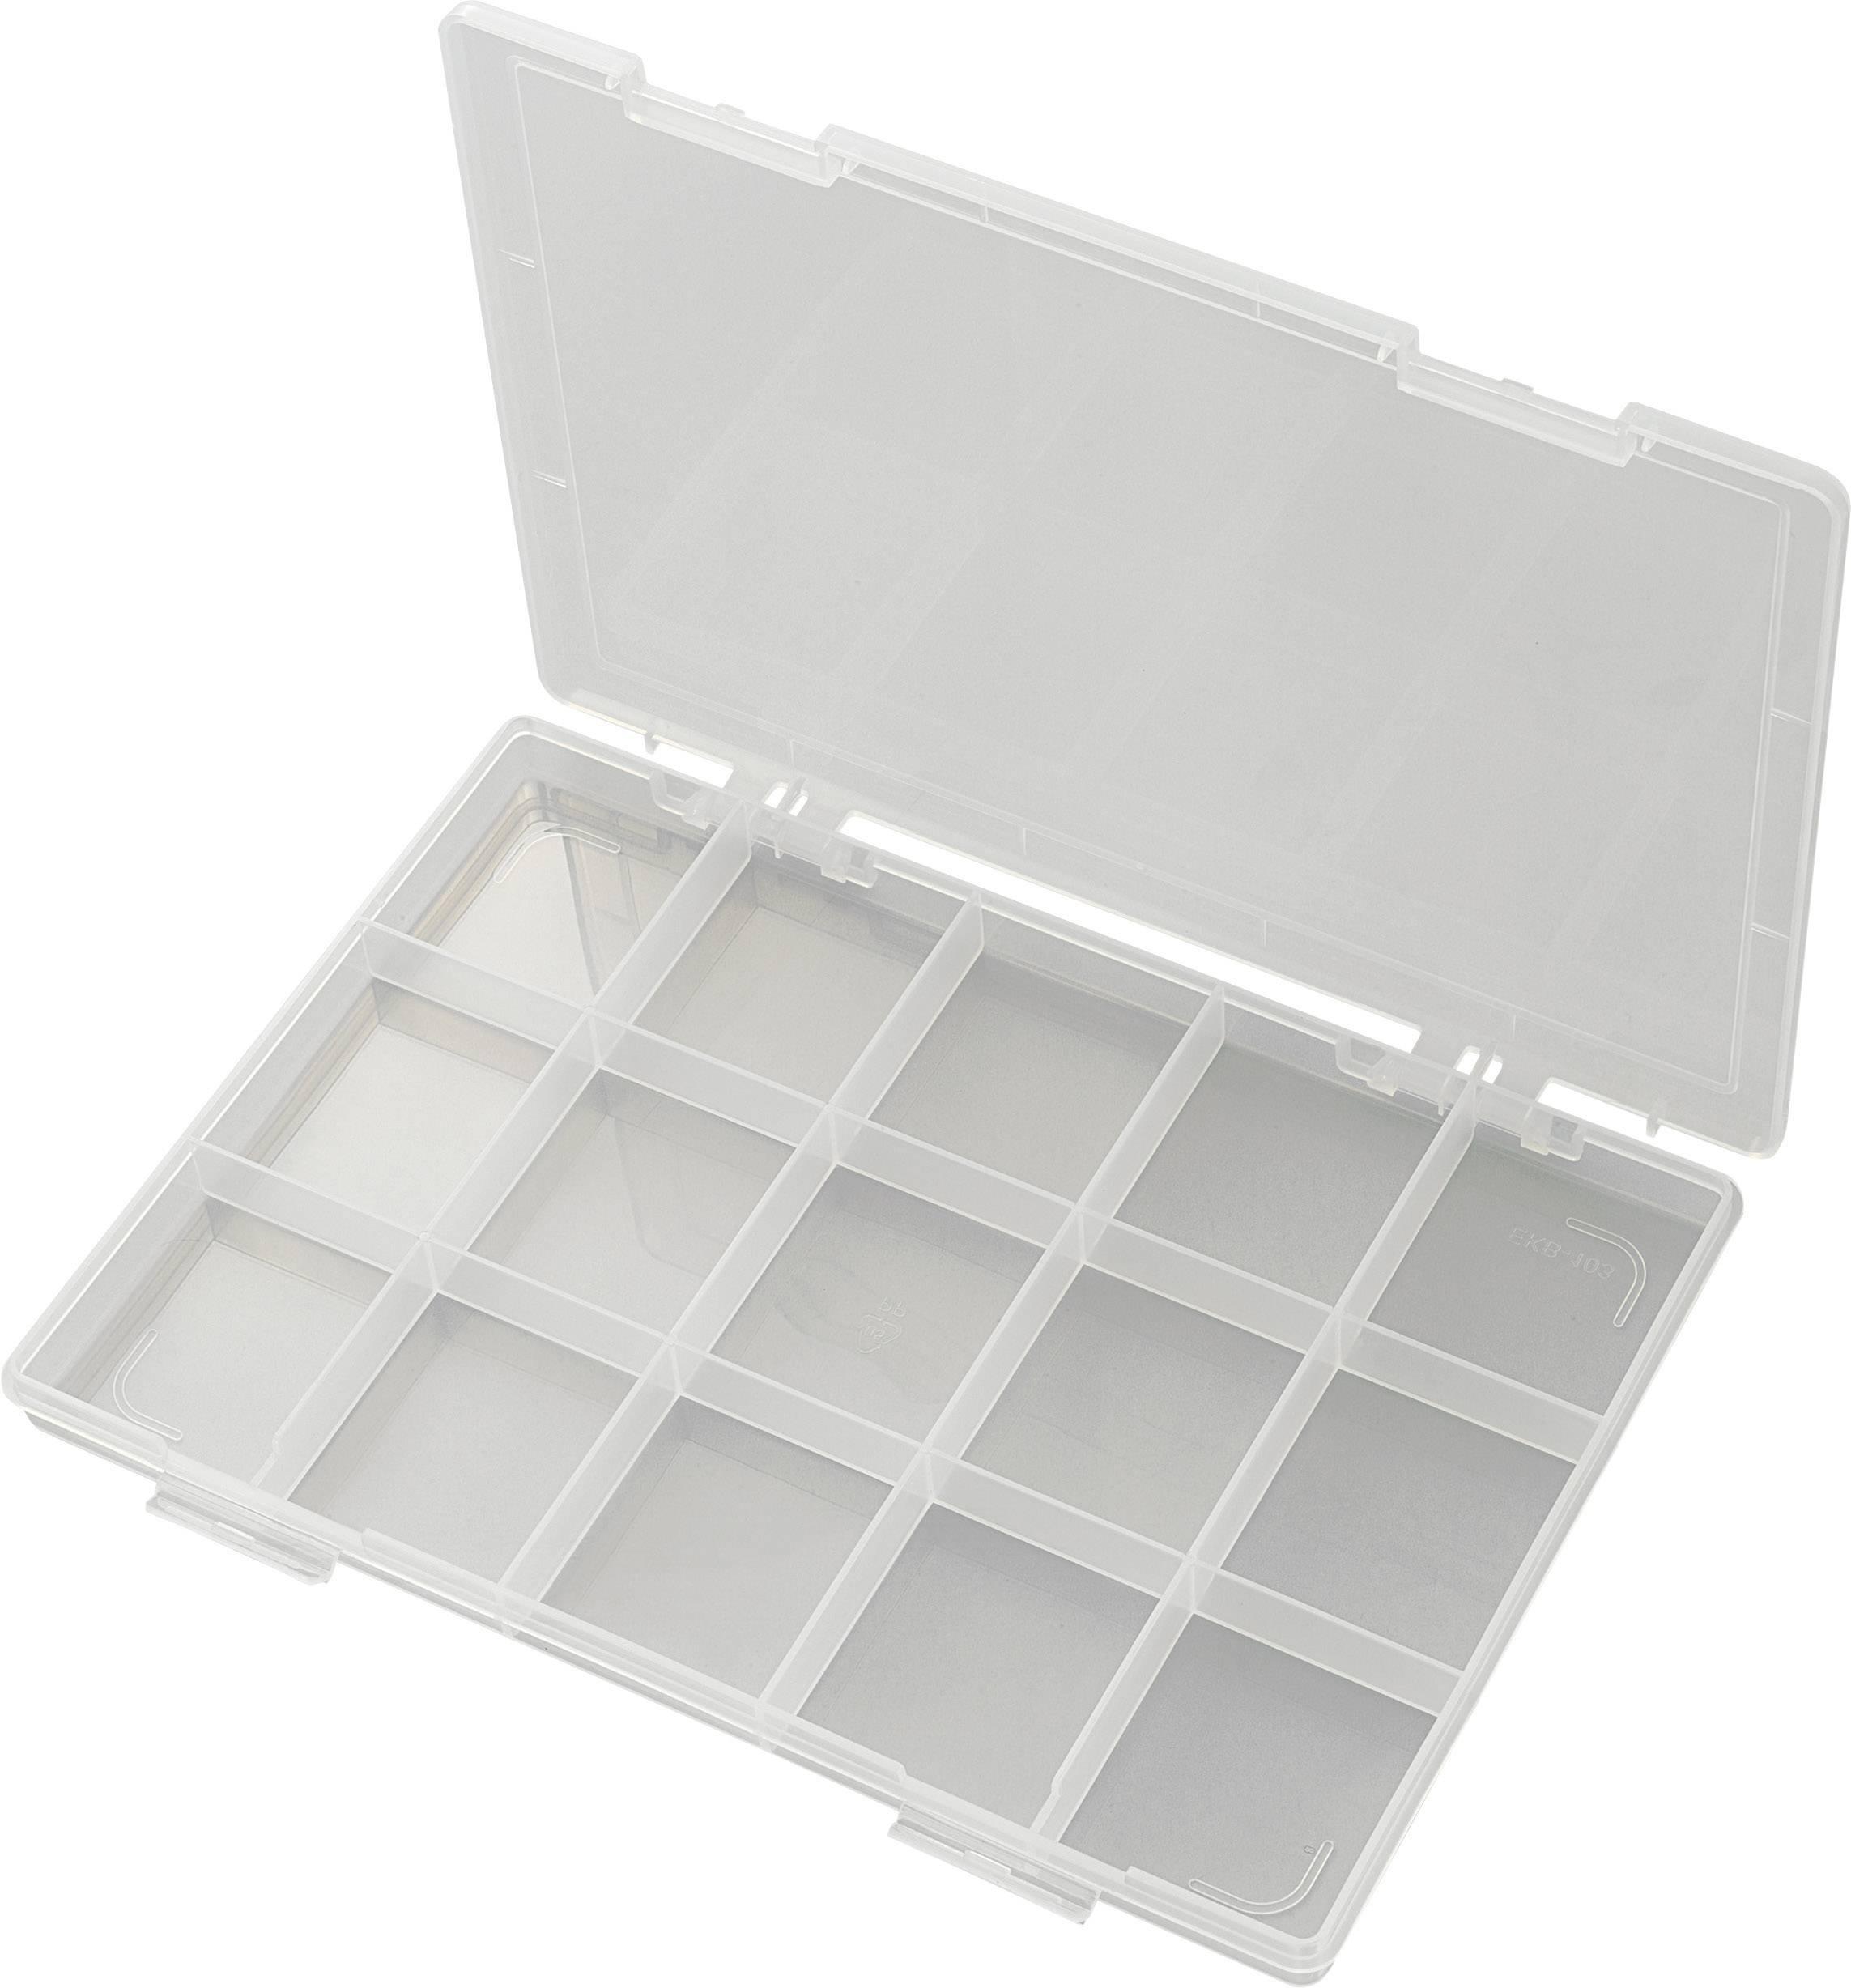 Krabička na drobné súčiastky 182789, priečinkov: 15, 285 x 209 x 23 , transparentná (difúzna)